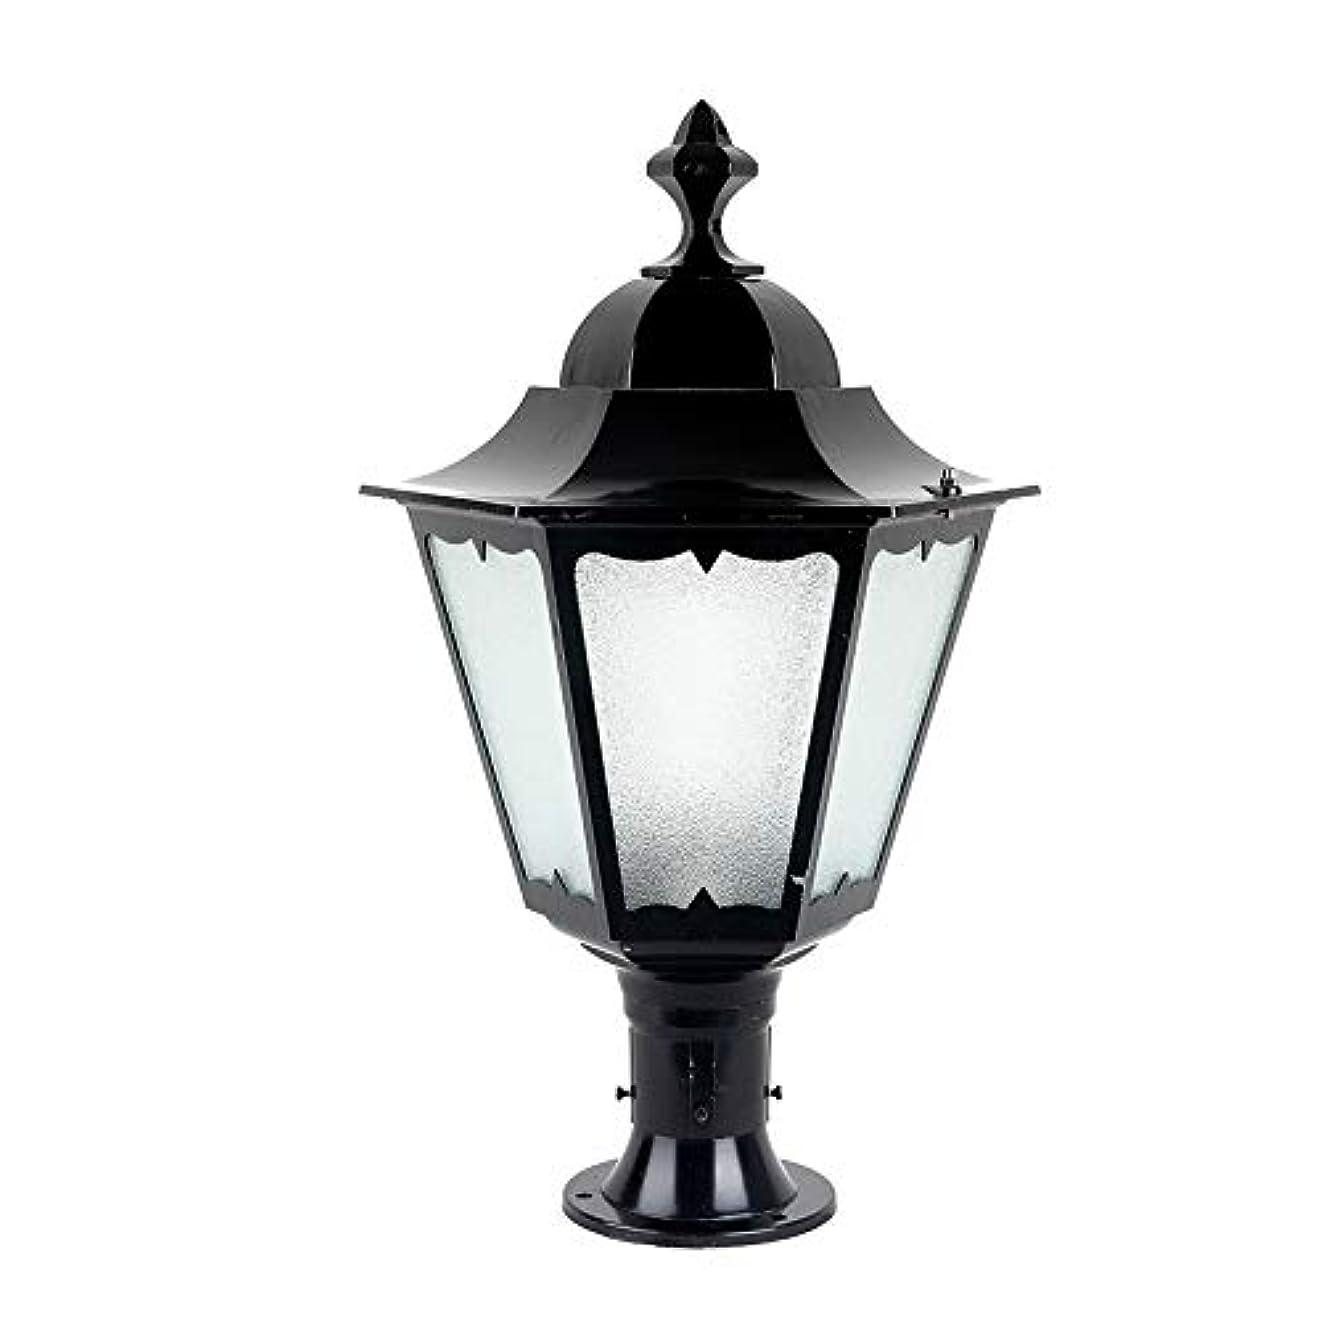 実り多い欠かせない徐々にPinjeer E27ヴィンテージ屋外防水ガラスコ??ラムライトヨーロッパレトロ産業外装飾ポストライトガーデンドア街路家の照明柱ライト (Color : Black, サイズ : Height 62cm)